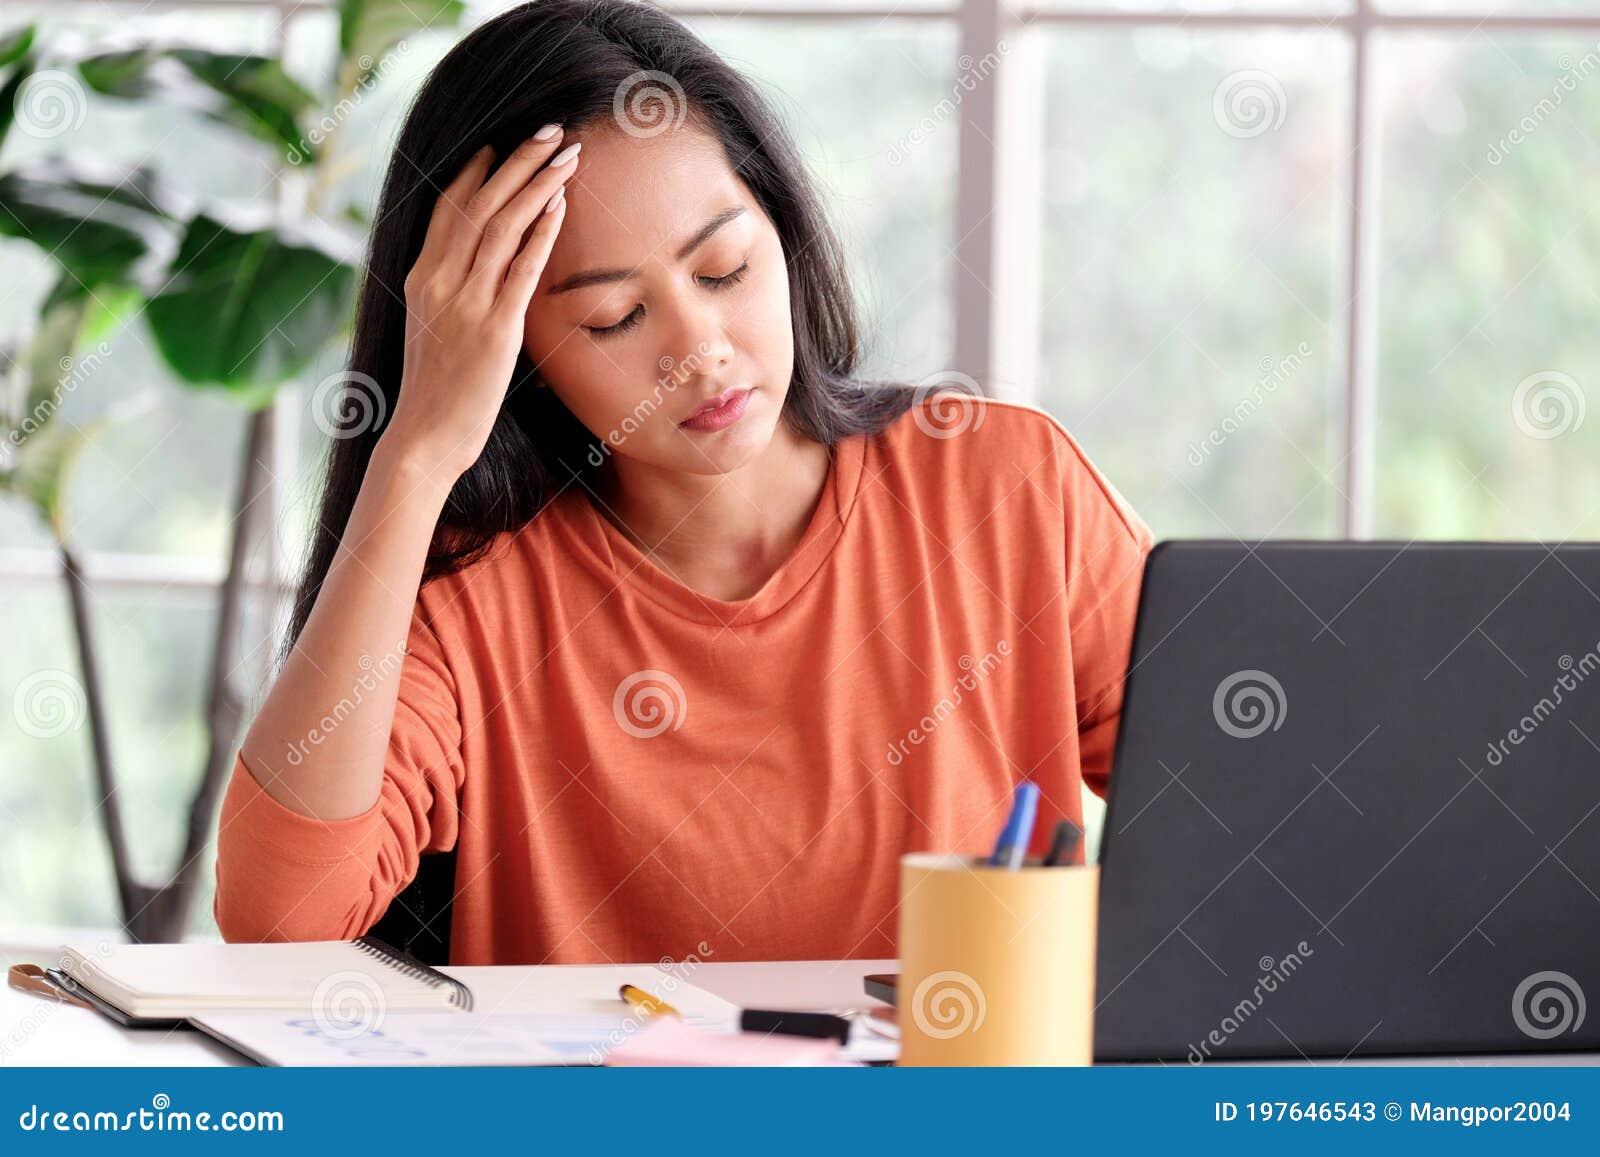 Работа в азии для девушек работа для девушек краснодар вк